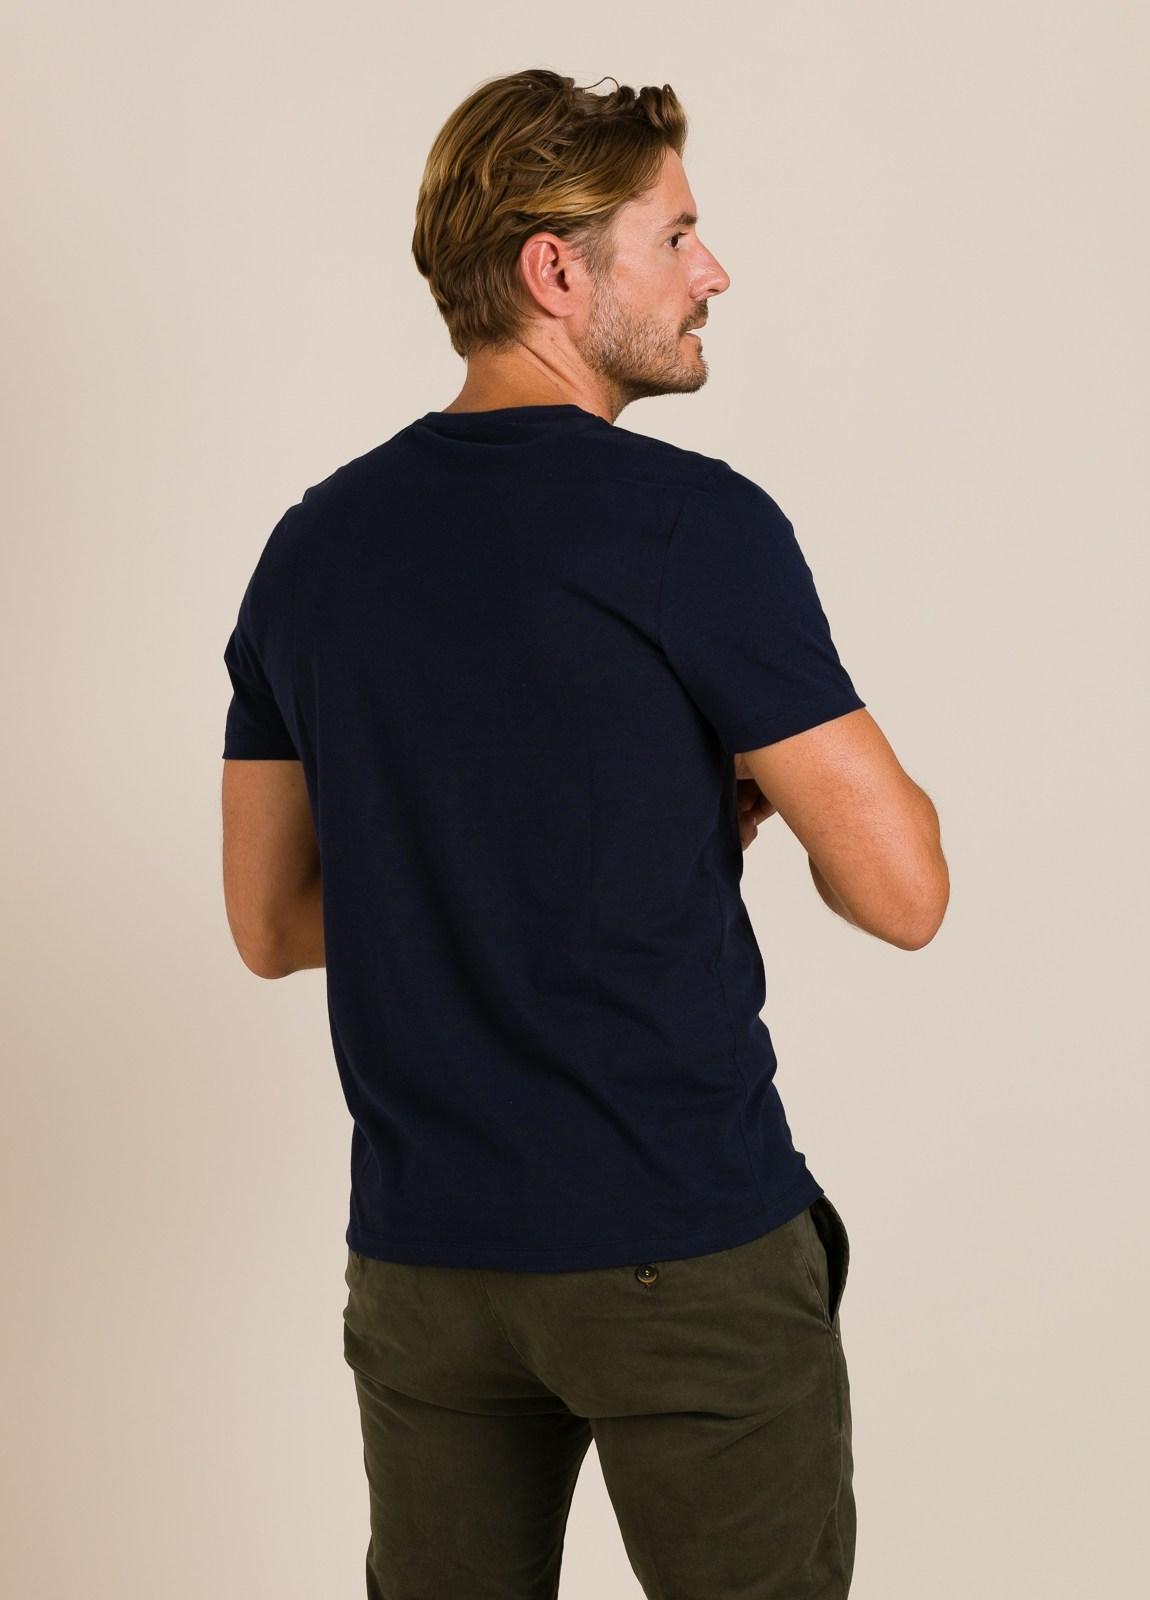 Camiseta azul marino ECOALF con texto estampado - Ítem2